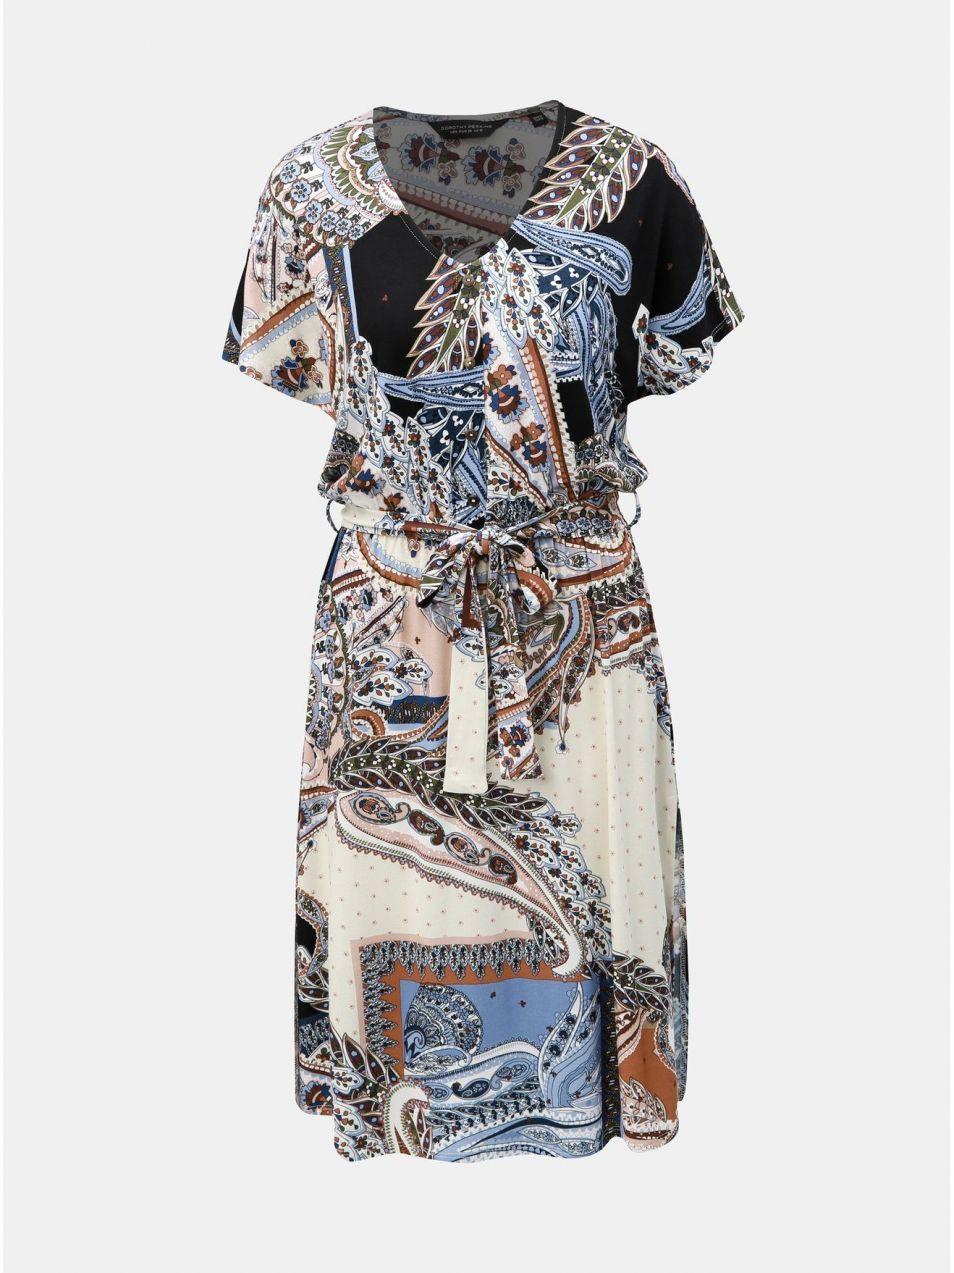 e5d349132dfe Modro–krémové vzorované šaty s rozparkami Dorothy Perkins značky ...